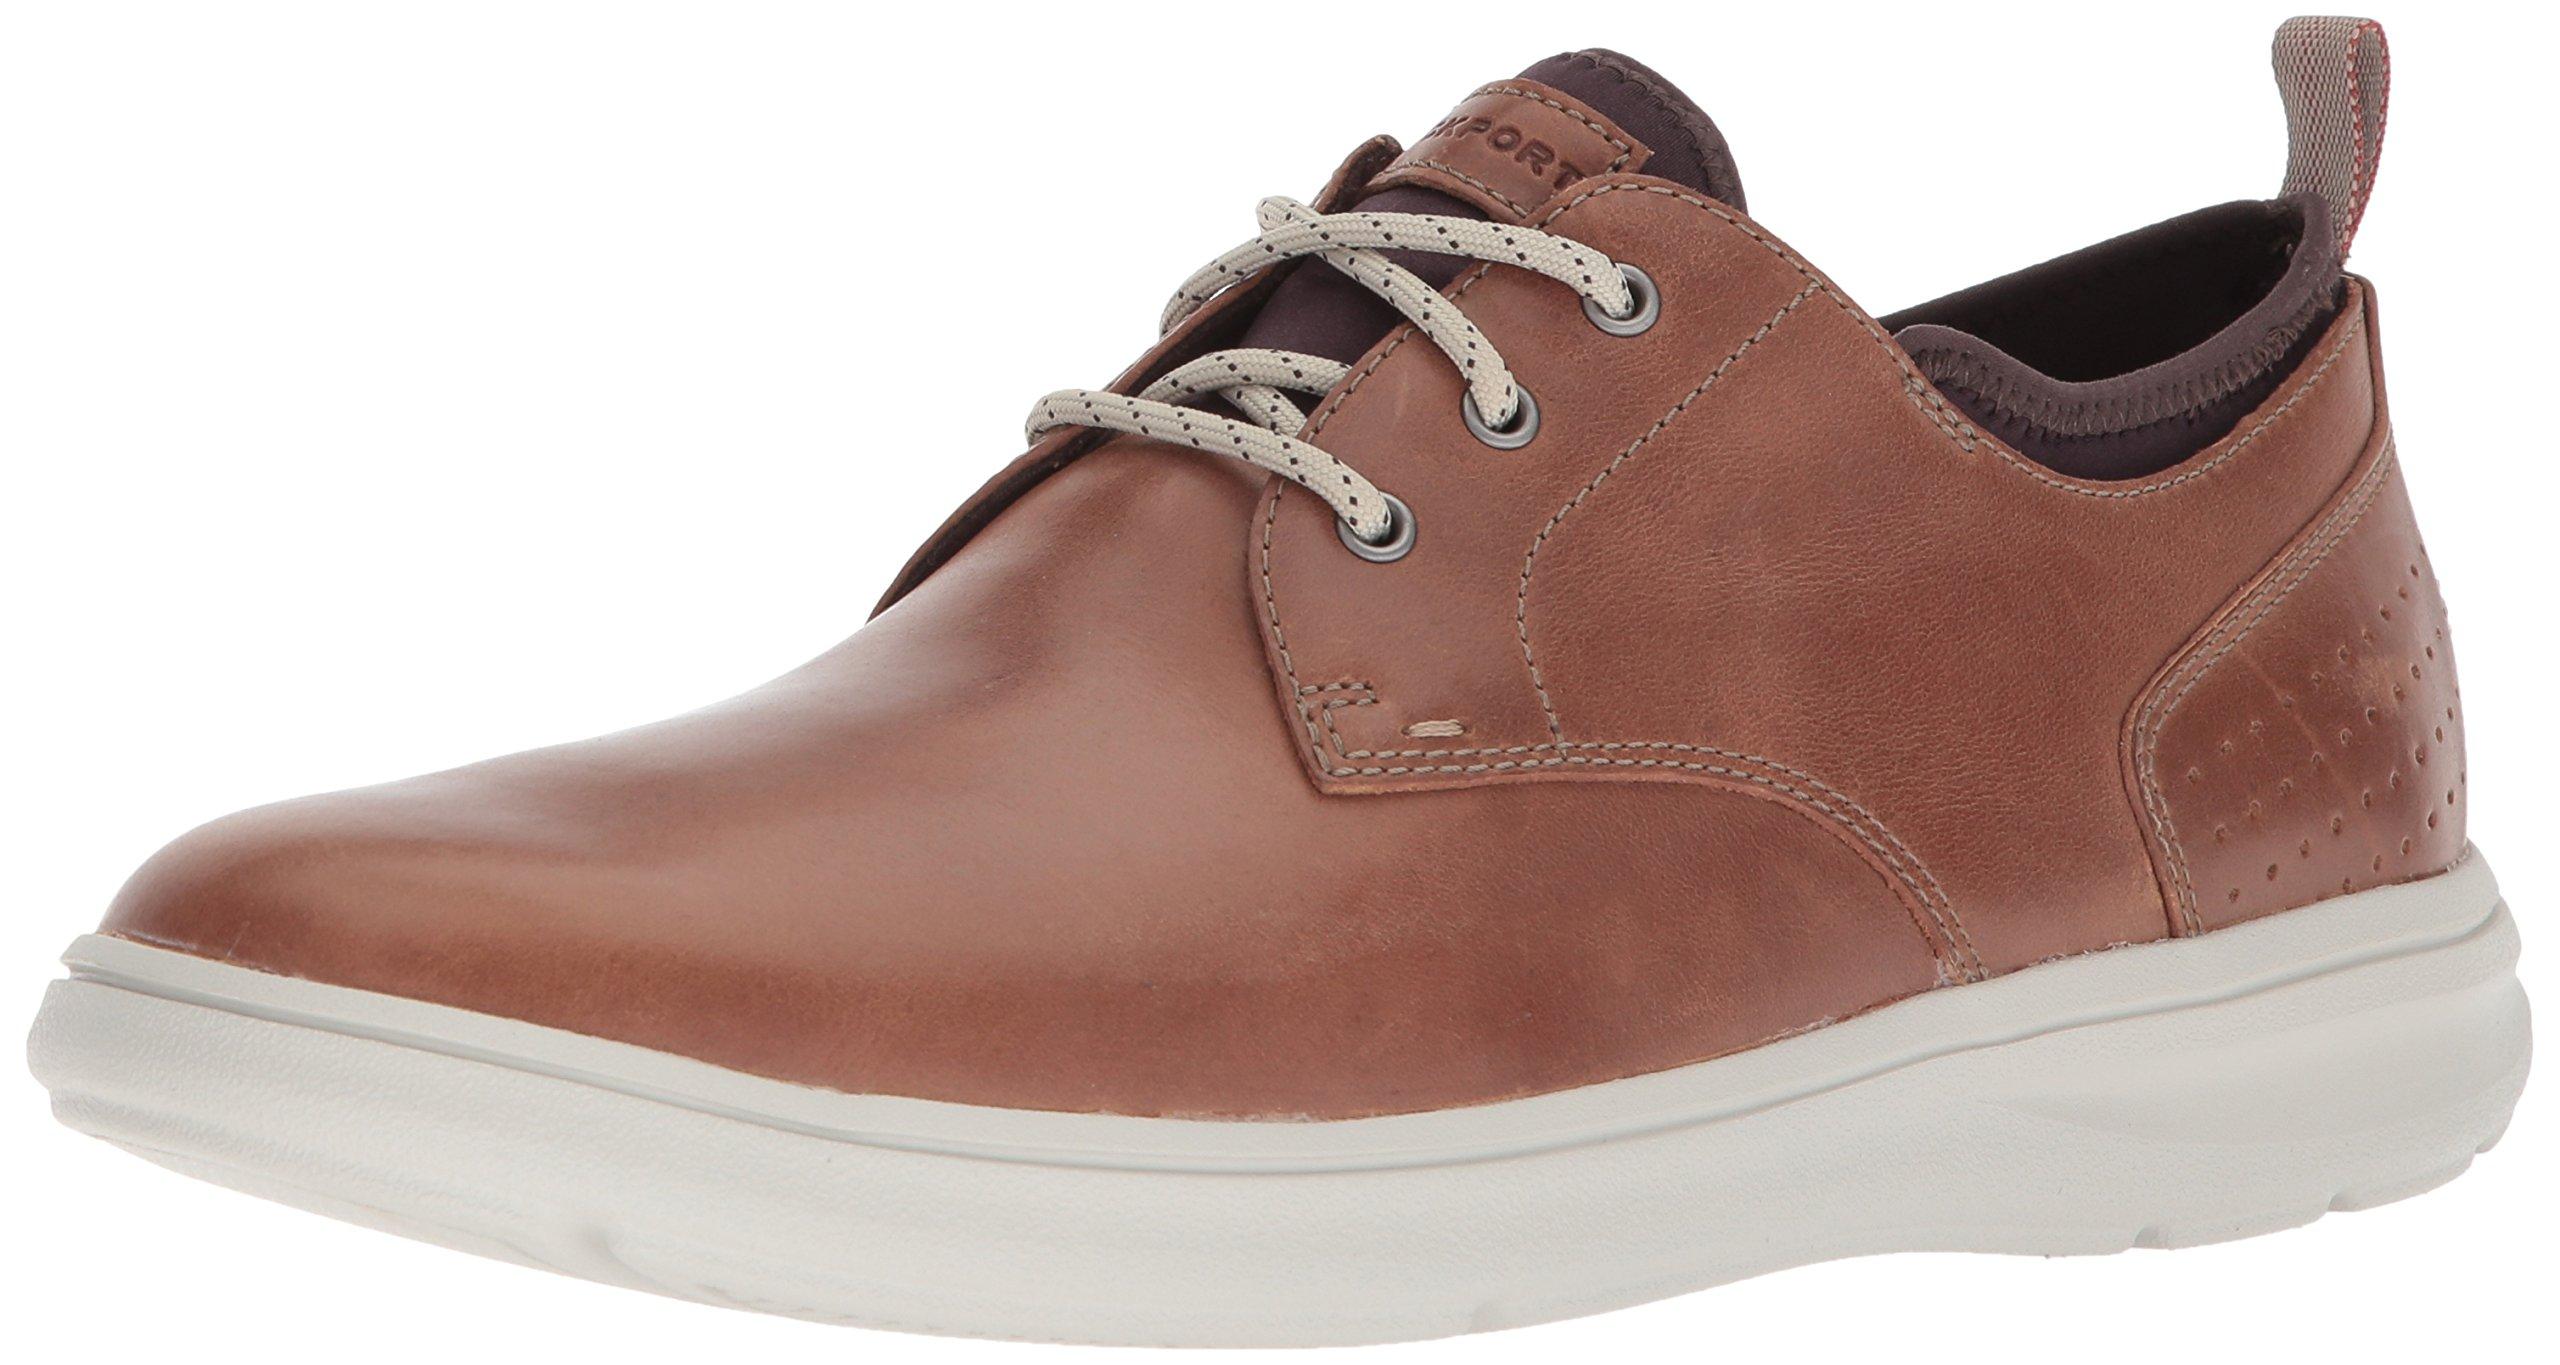 Rockport Men's Zaden Plain Toe Ox Shoe, boston tan leather, 10.5 W US